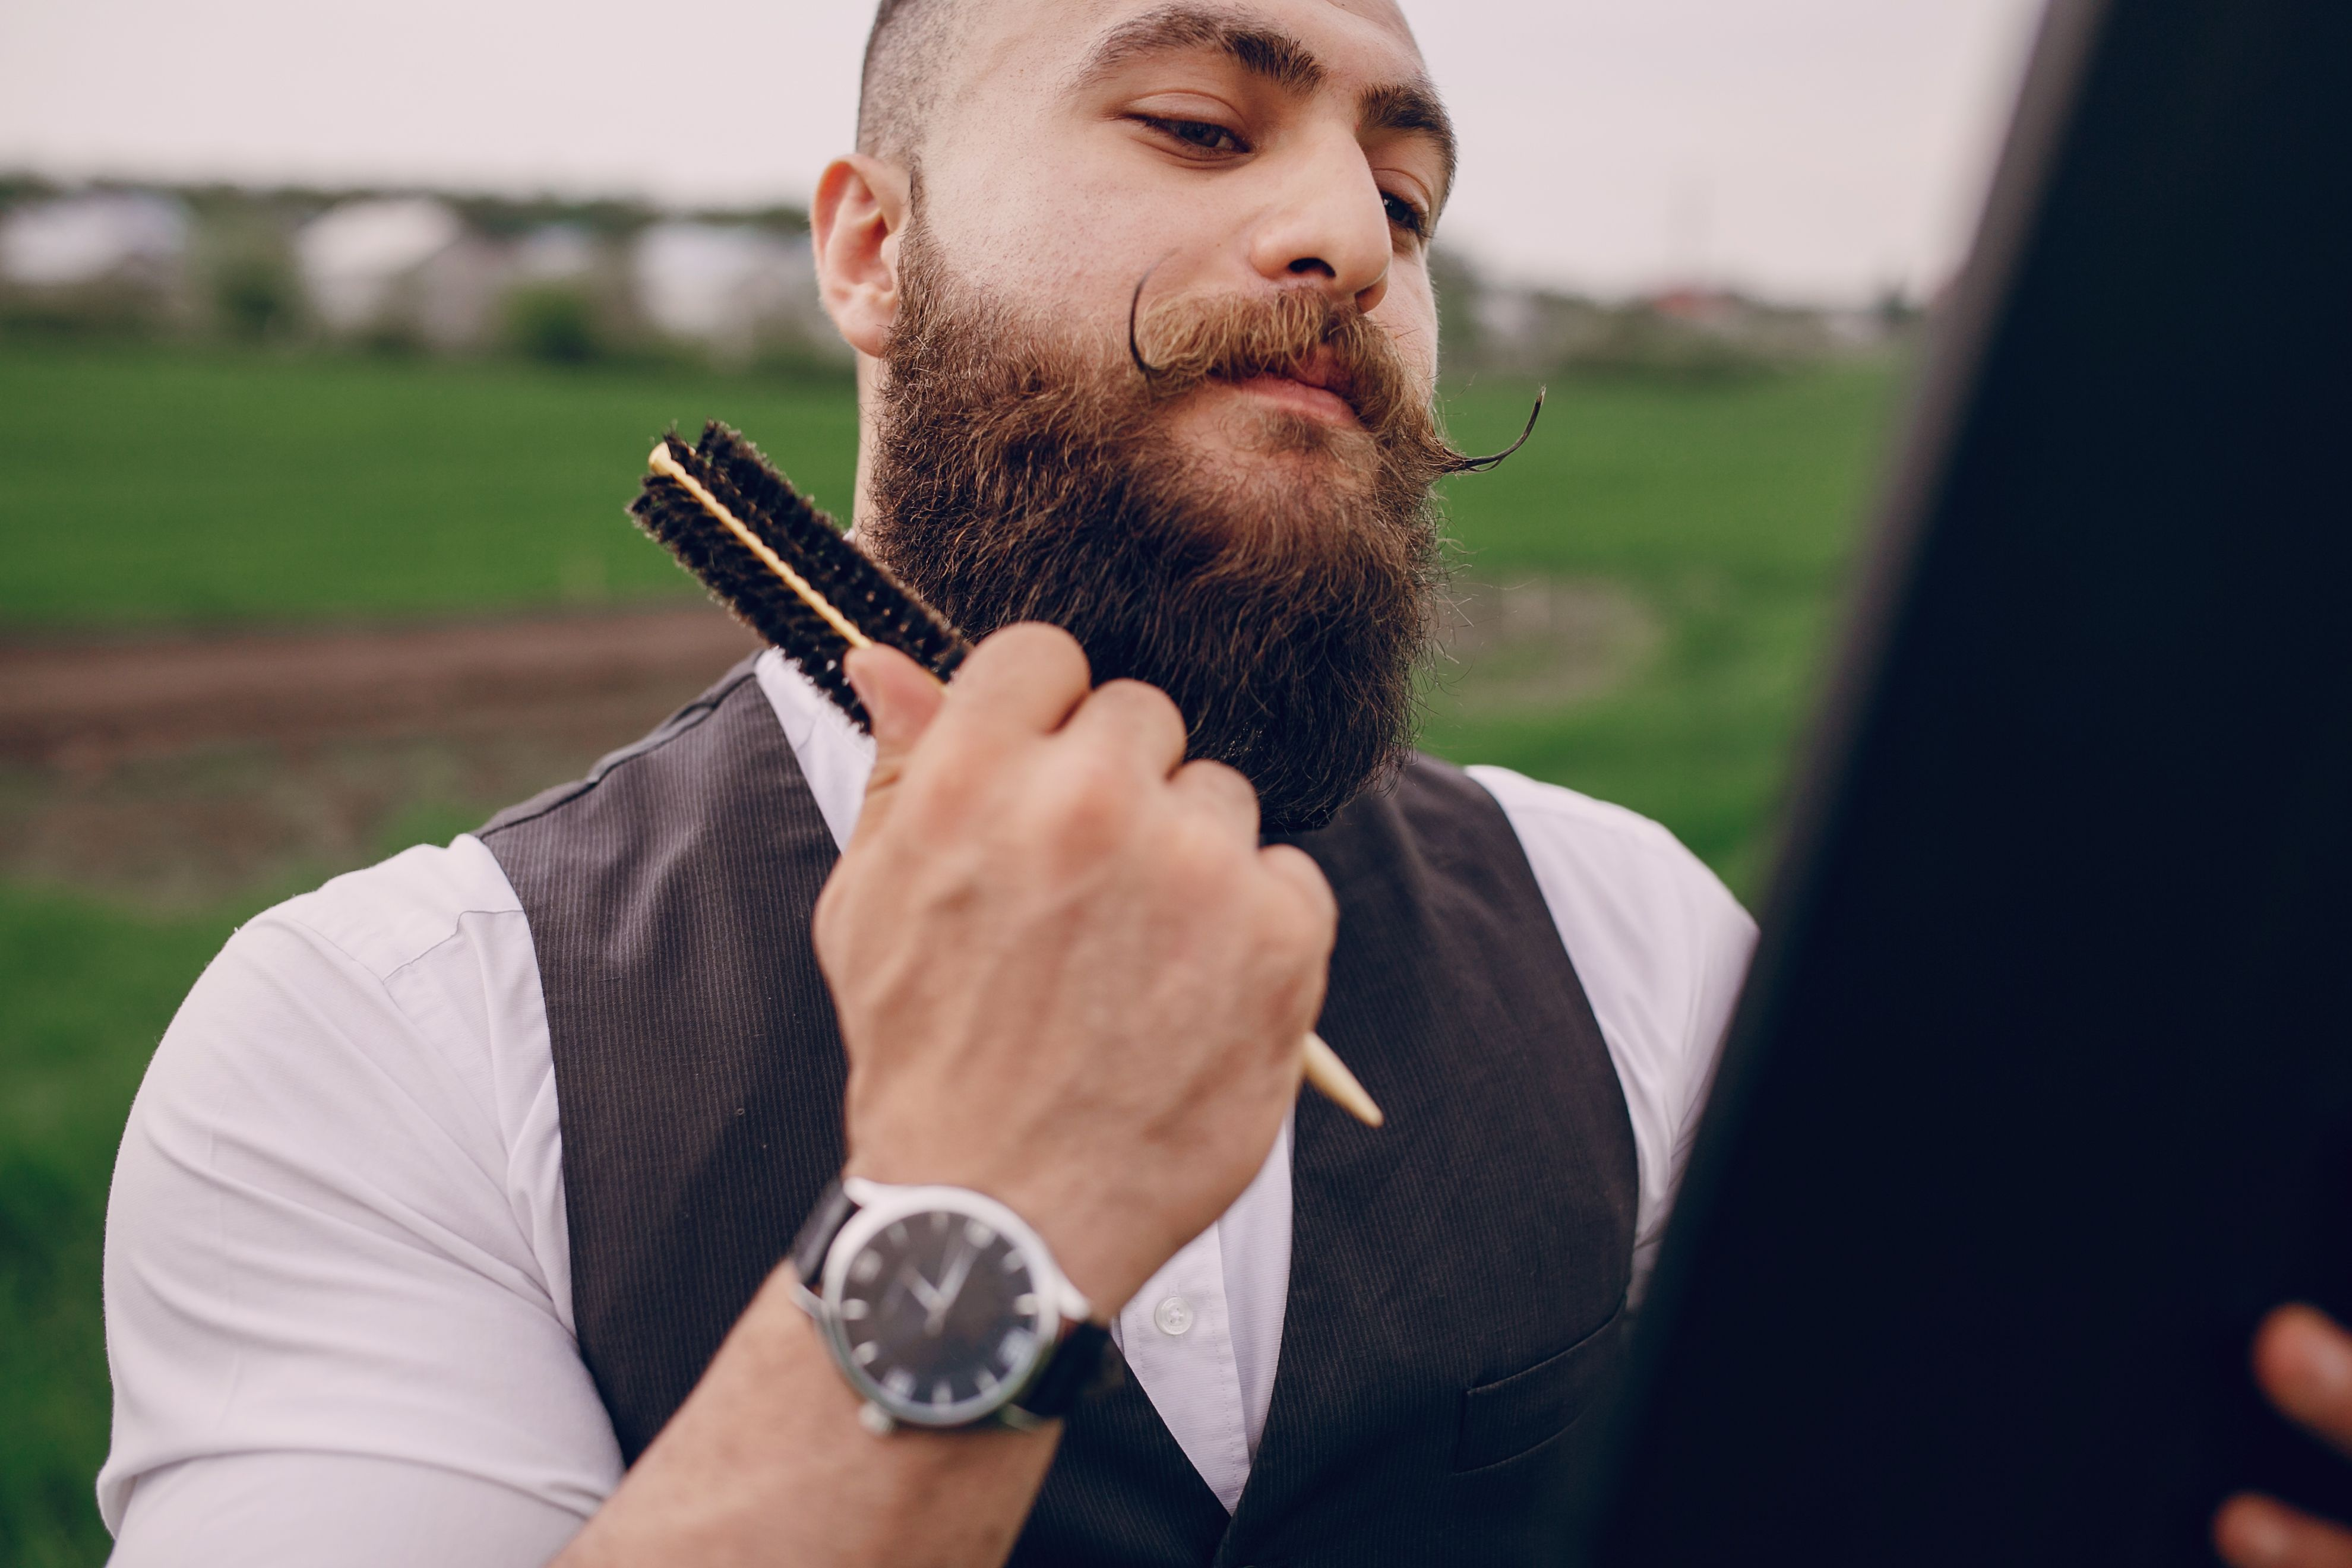 Weiter nicht bart wächst Bart wächst